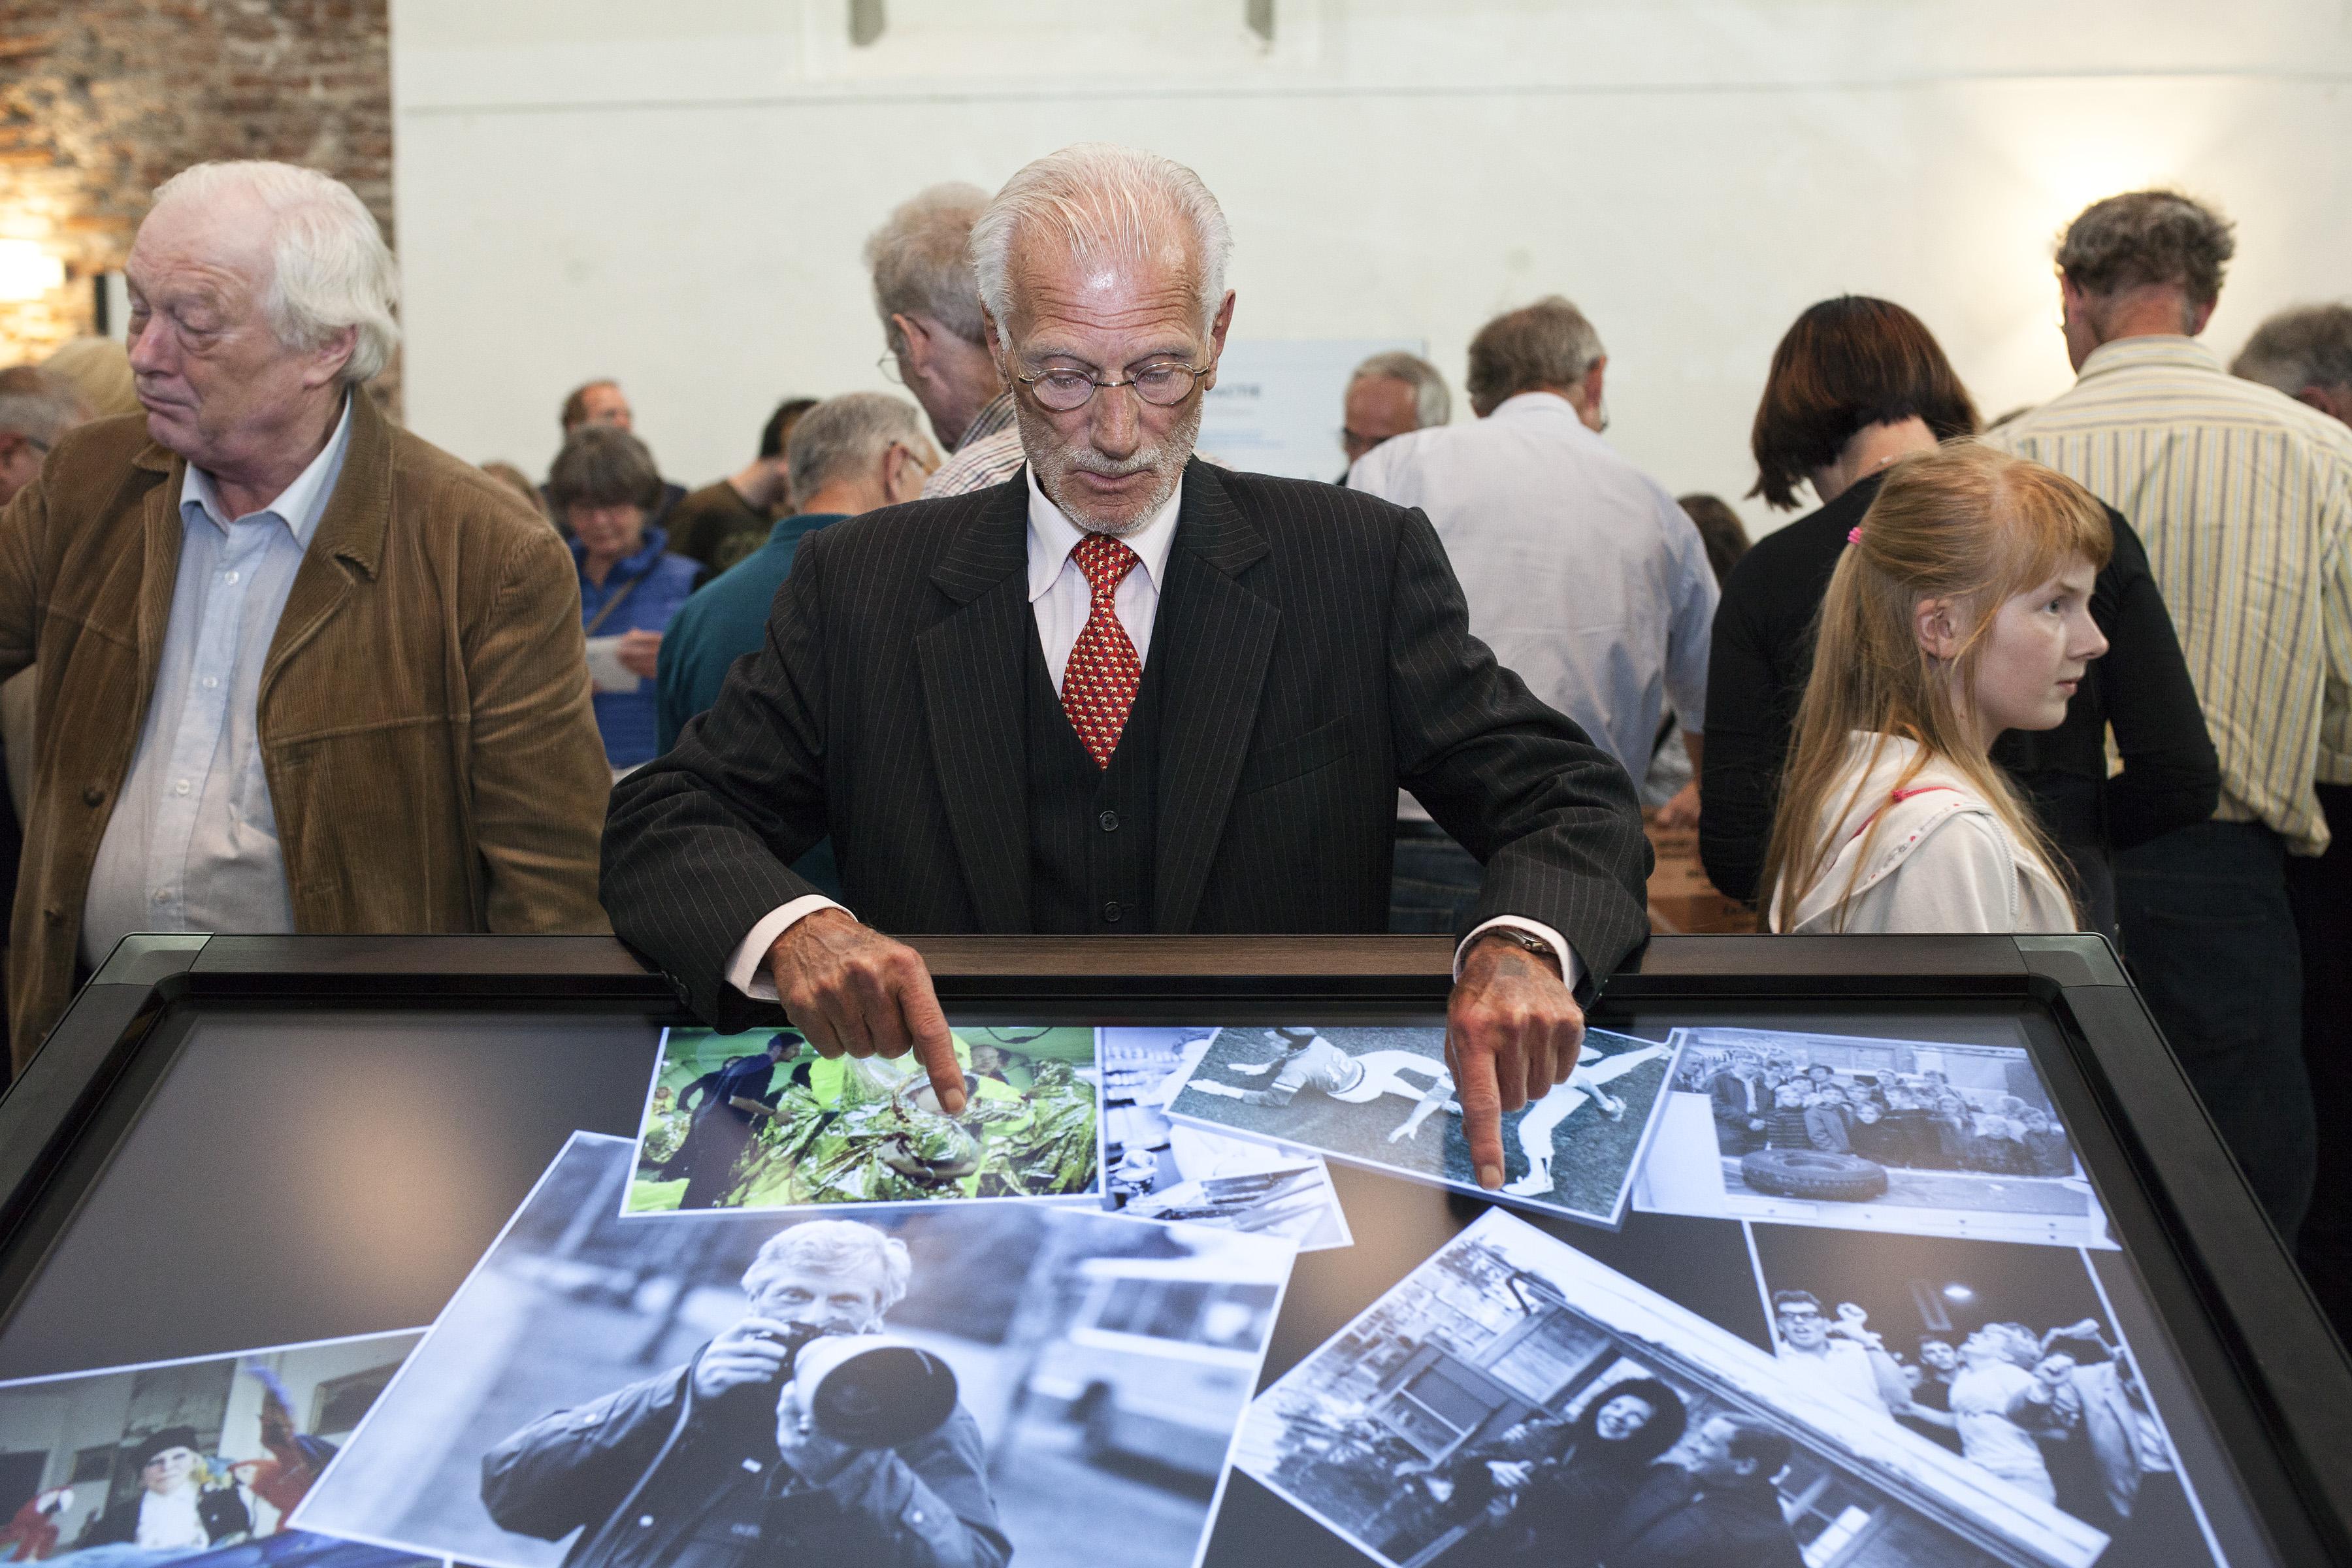 Haarlem, 9-7-2016: Poppe de Boer achter de viewer op zijn tentoonstelling in het Noordhollands archief. Rechts staat een kleindochter van De Boer. foto: UnitedPhotos / Remco van der Kruis